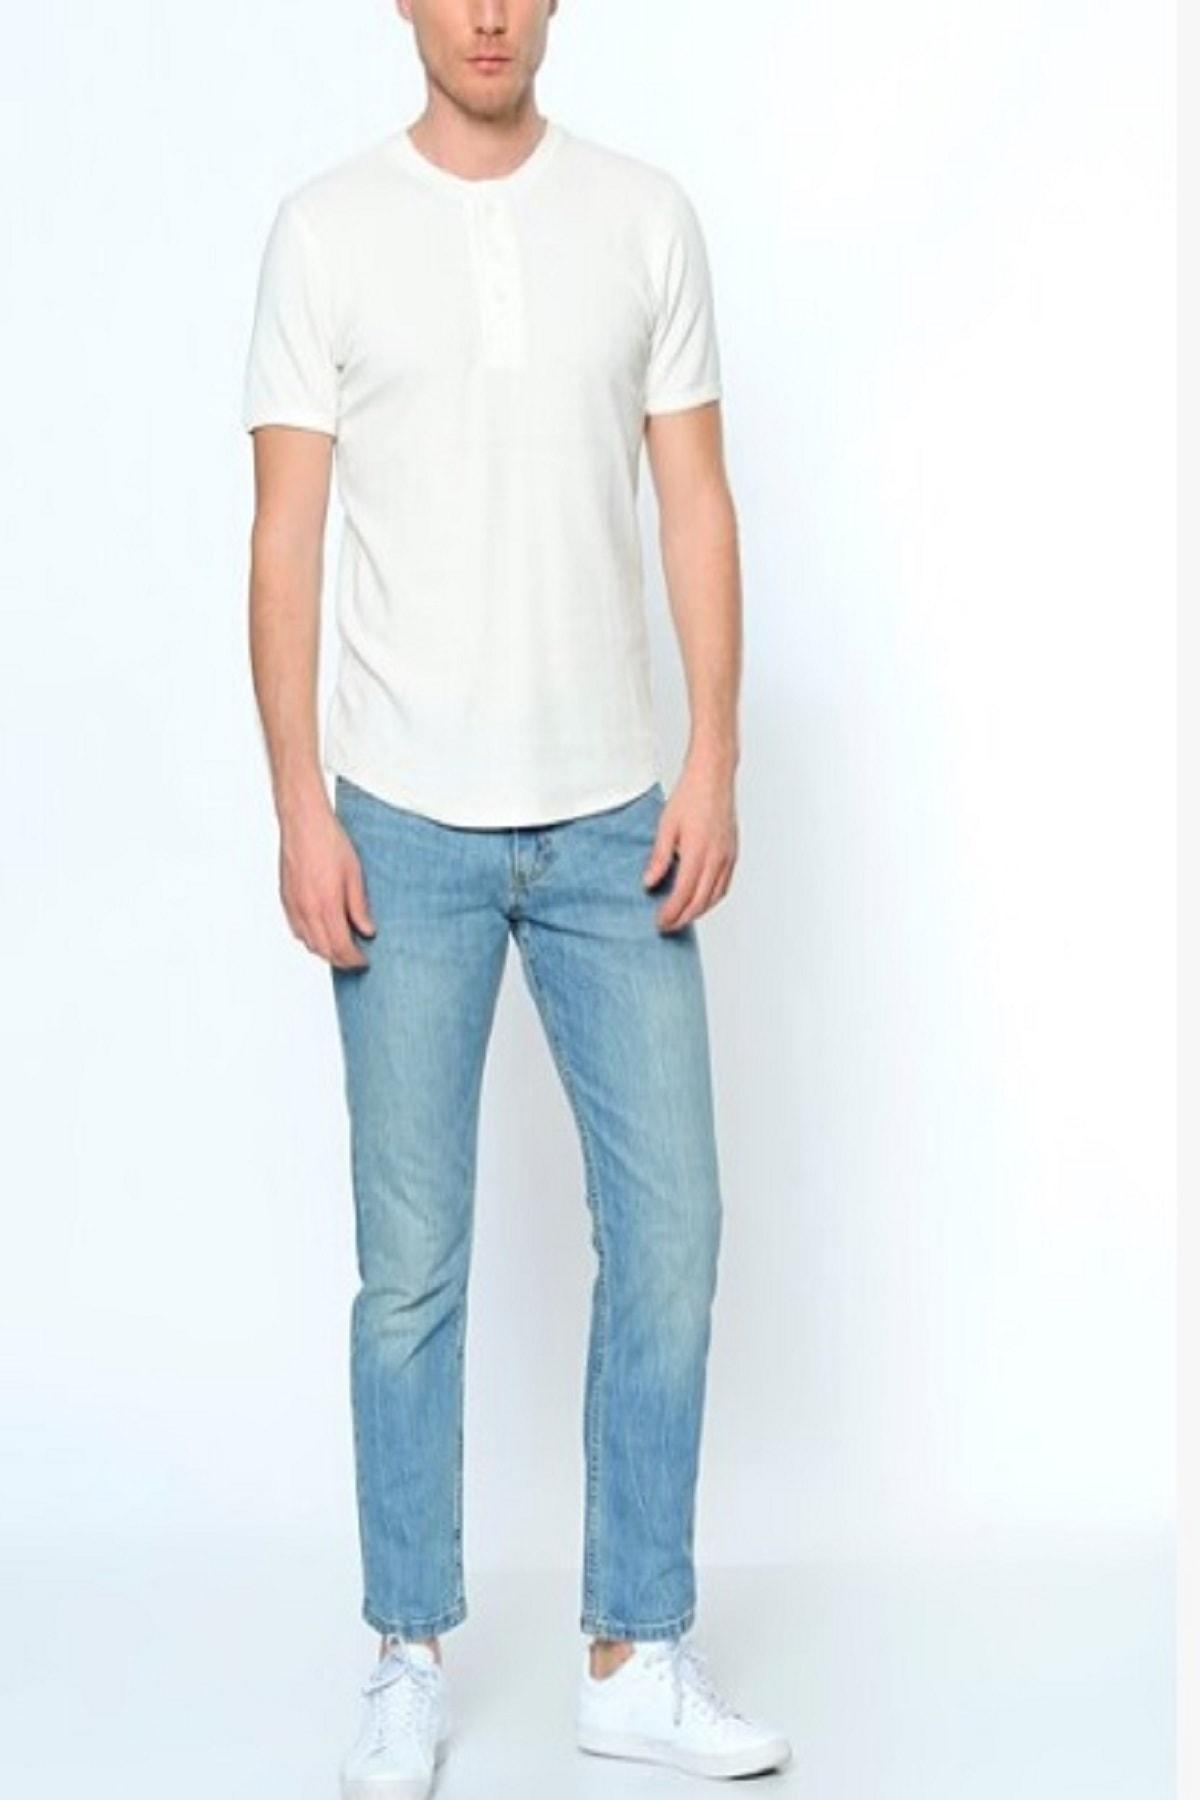 Levi's Erkek Açık Mavi Jeans Pantolon 29990-0478 1